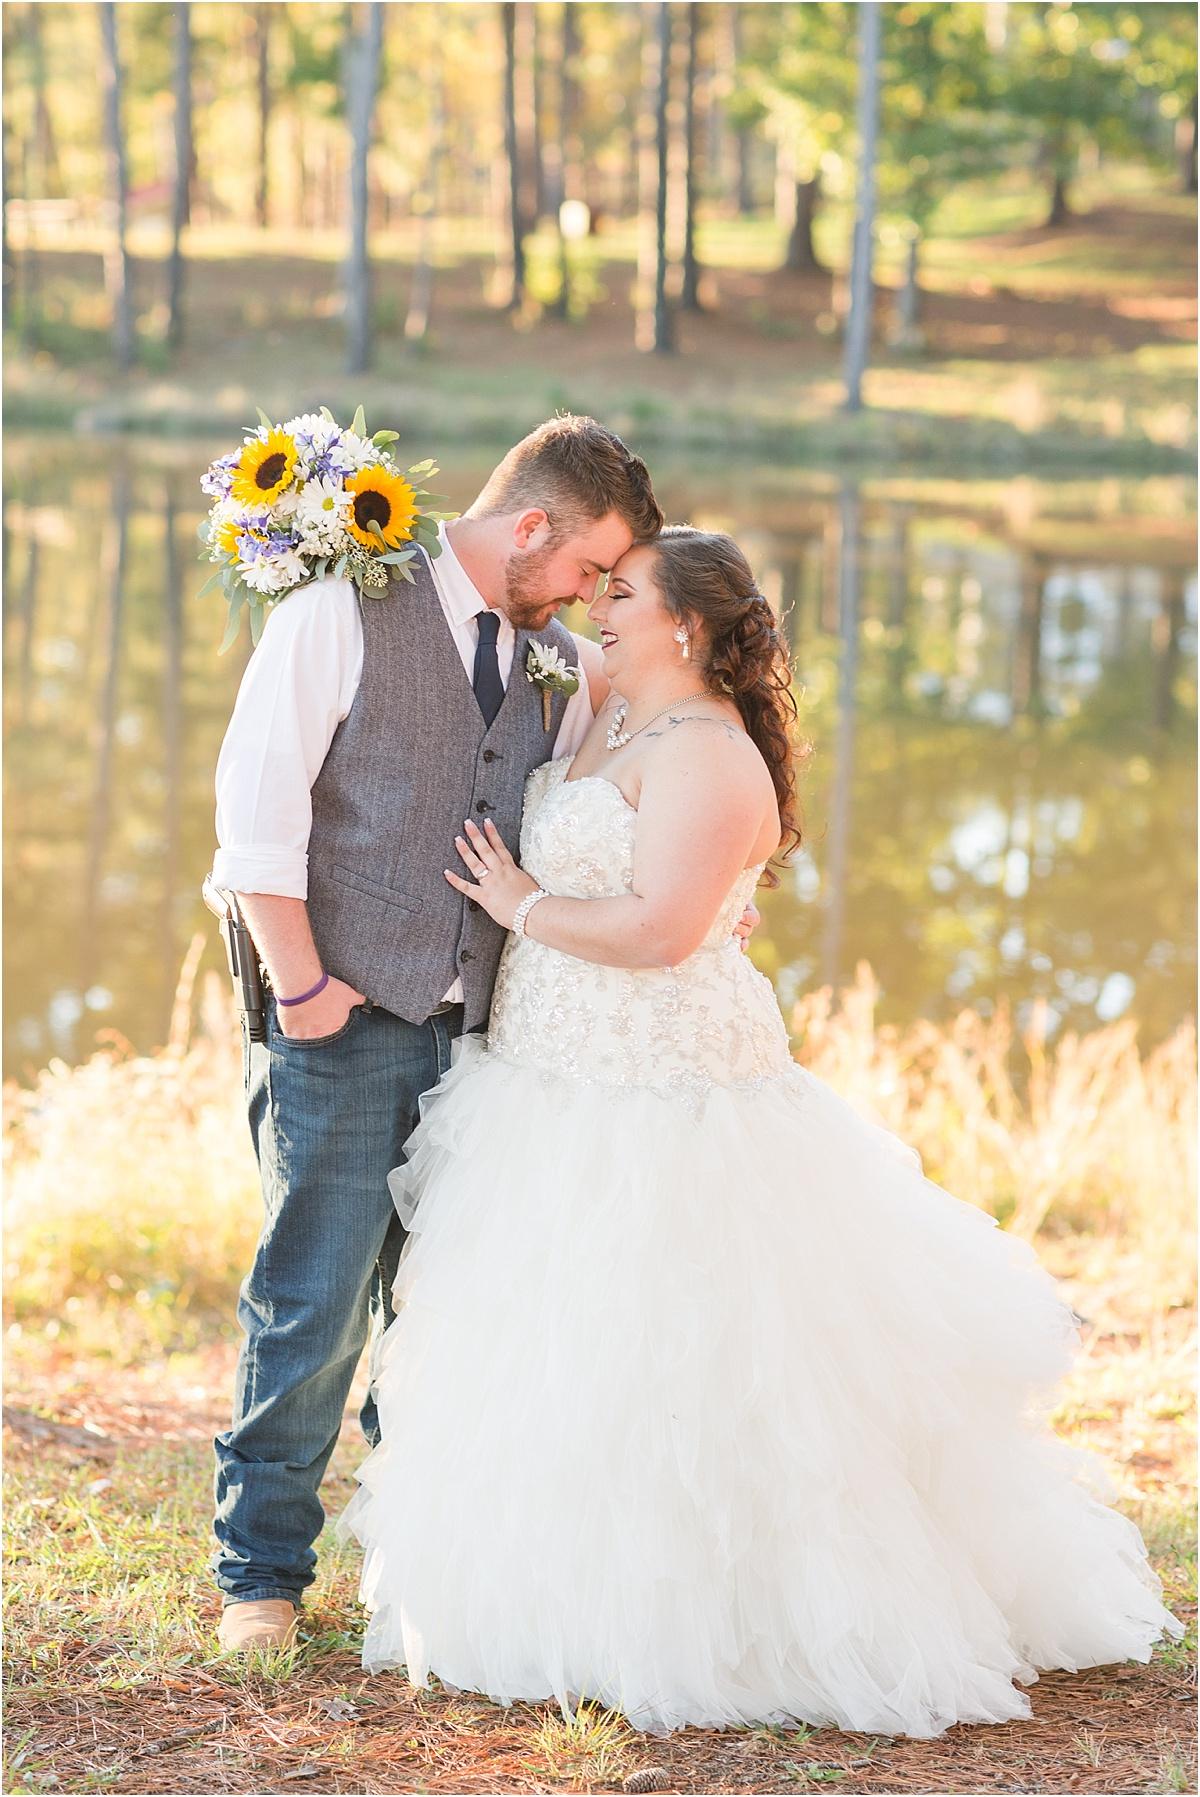 Indian_Springs_State_Park_Weddings_0091.jpg